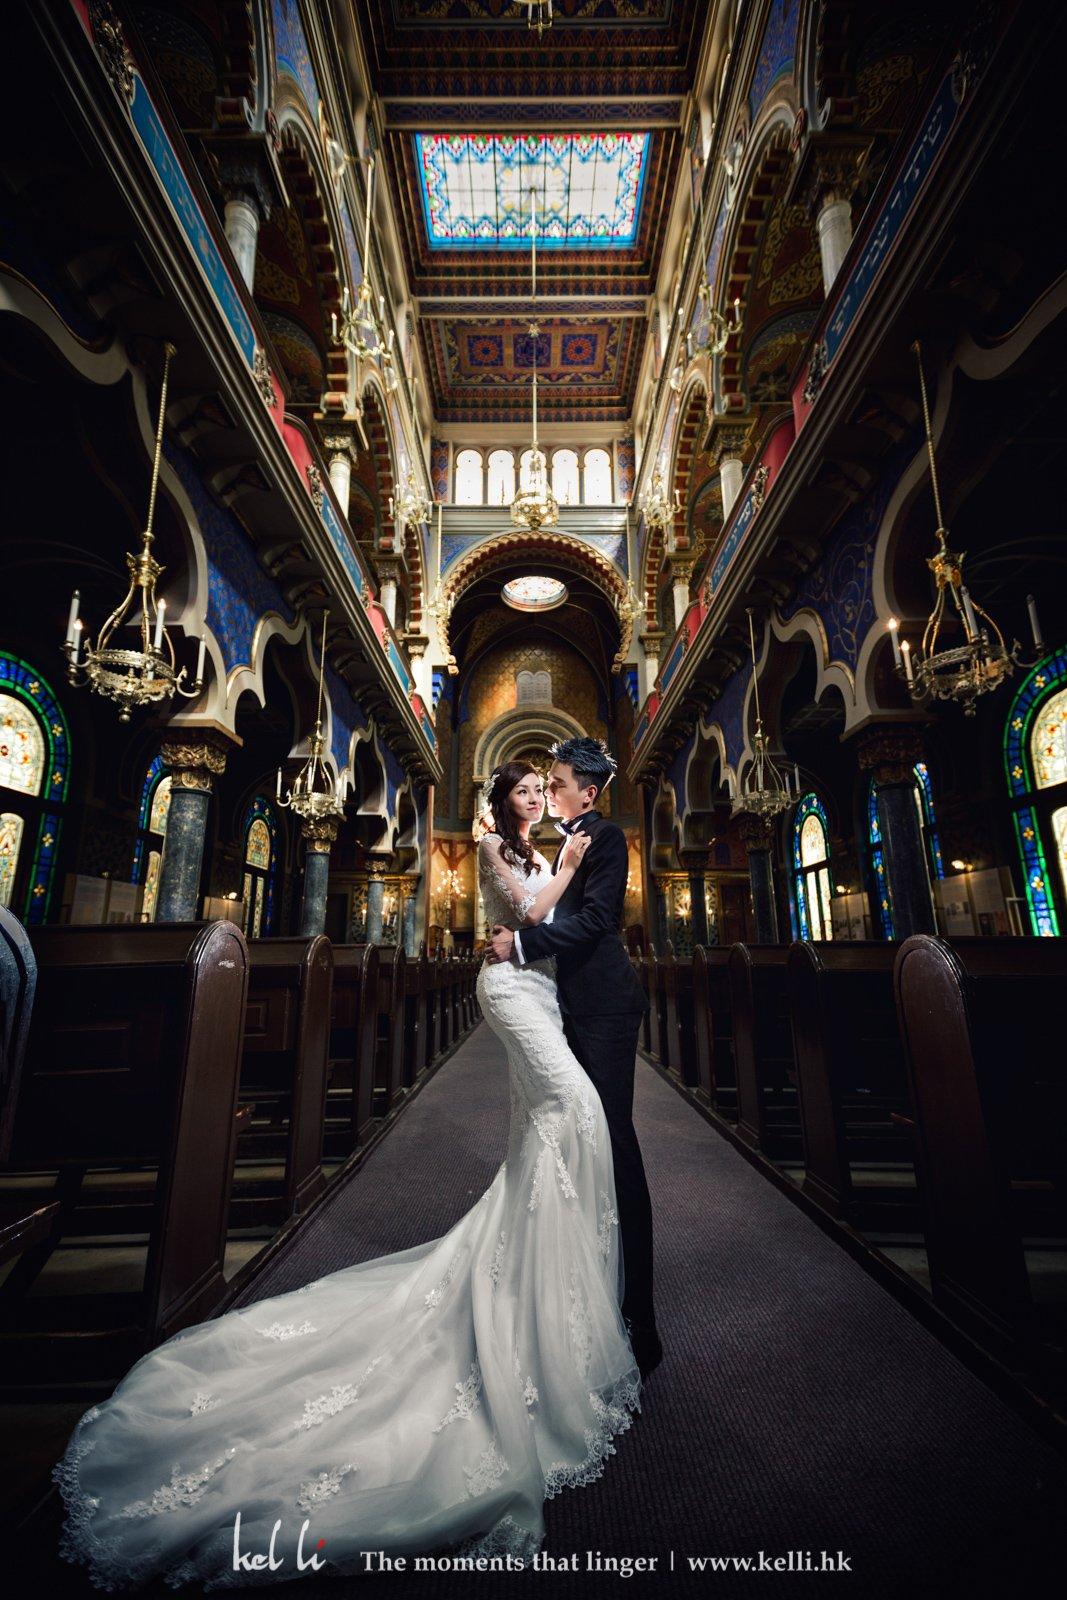 色彩豐富是此教堂的一大特色